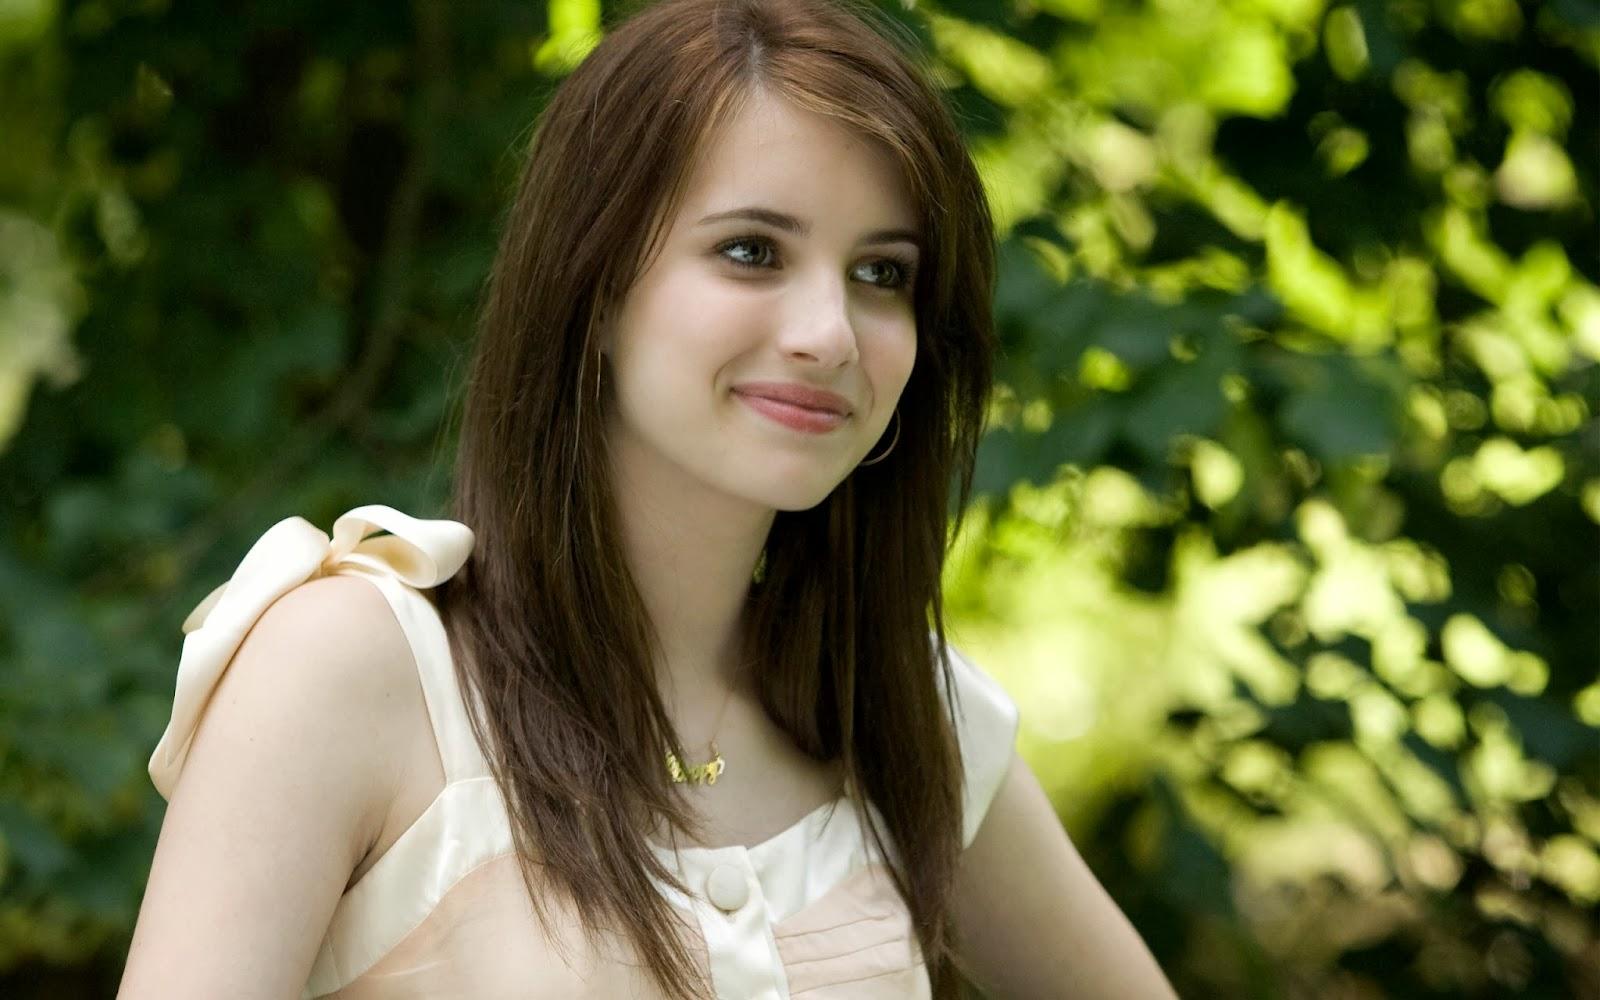 صورة بنات عسل , صور اجمل البنات في العالم